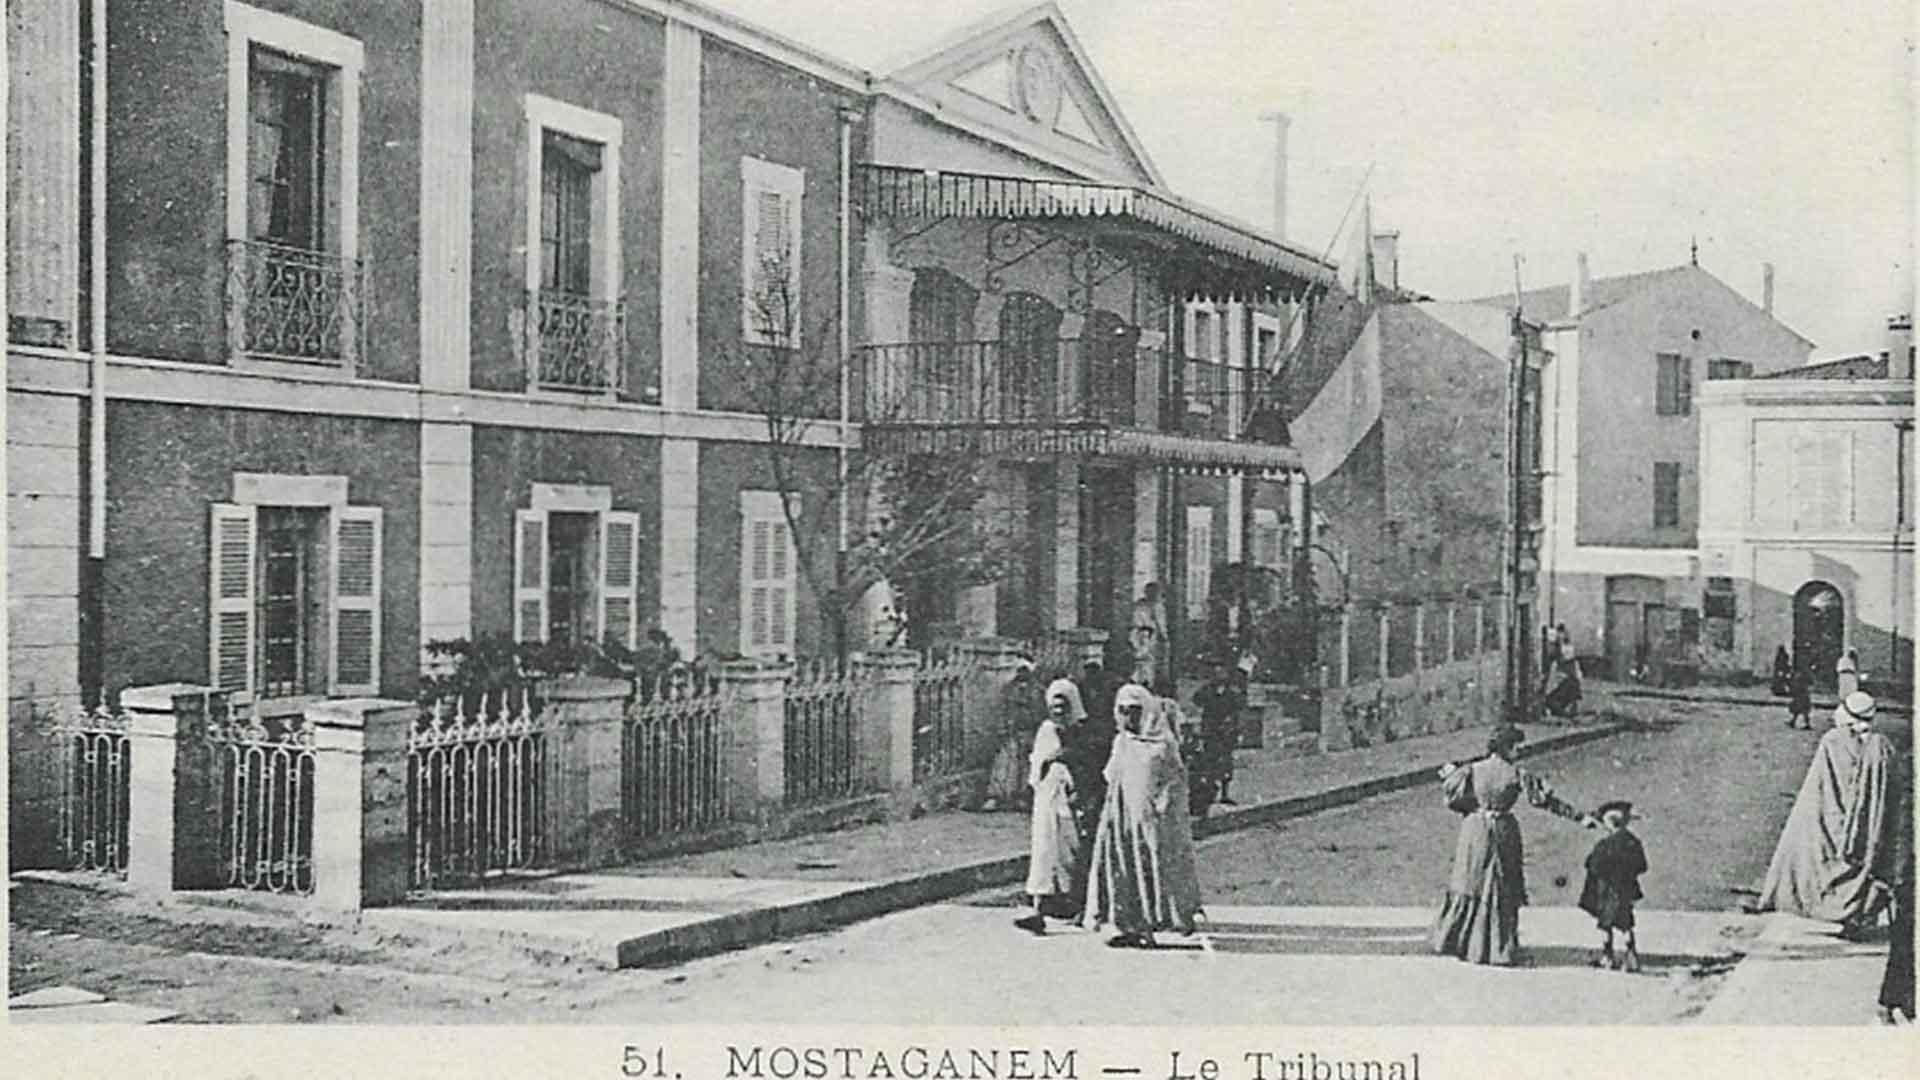 Mostaganem-Tribunal